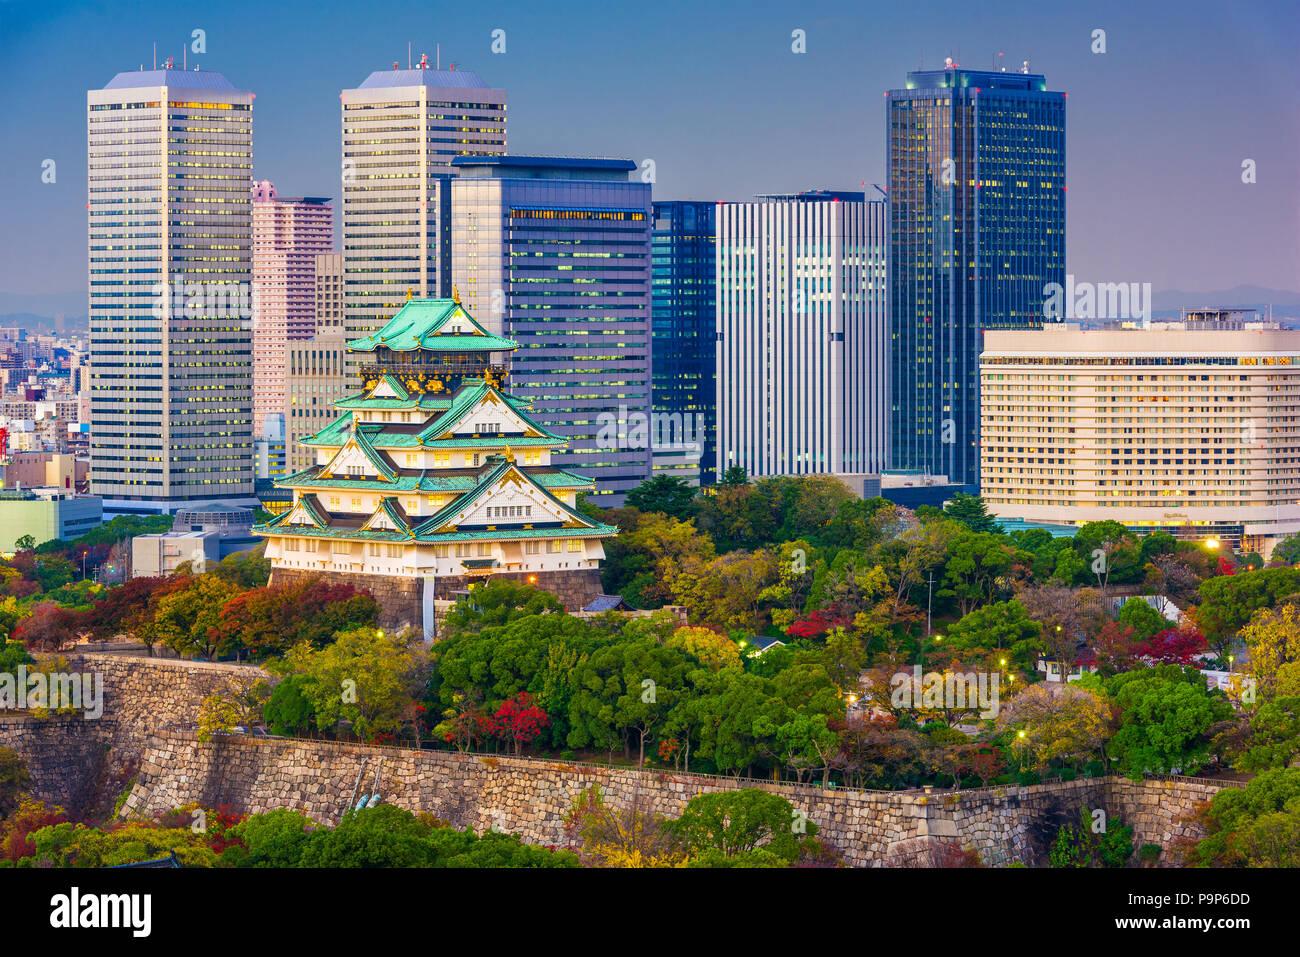 Horizonte de la ciudad de Osaka, Japón, en el castillo y parque empresarial al atardecer en otoño. Foto de stock